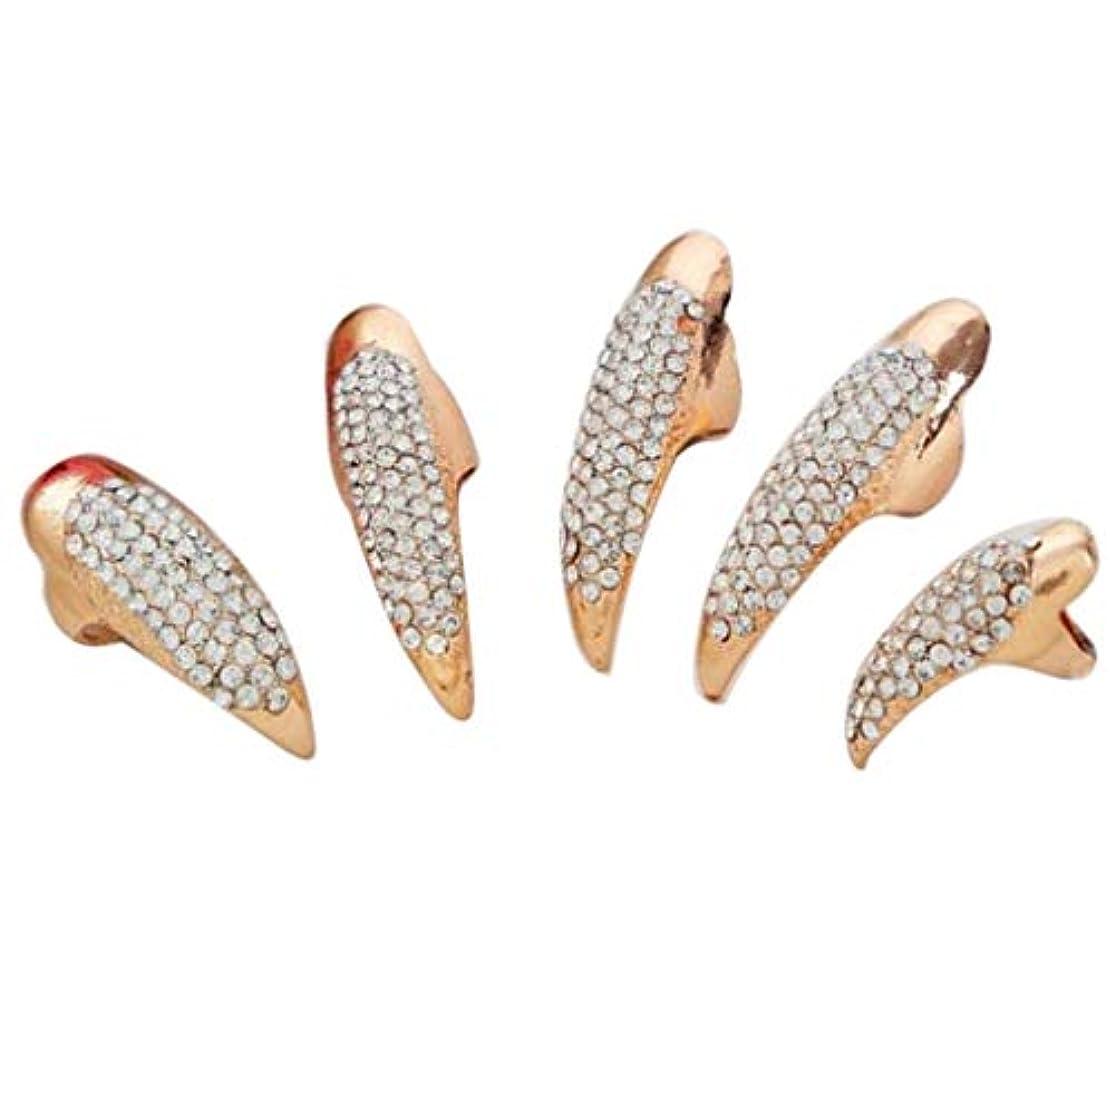 ツーリスト前方へシルクToygogo ネイルリング チップリング 爪の指輪 指先の指輪 ネイルアート アクセサリー 2色選べ - ゴールデン